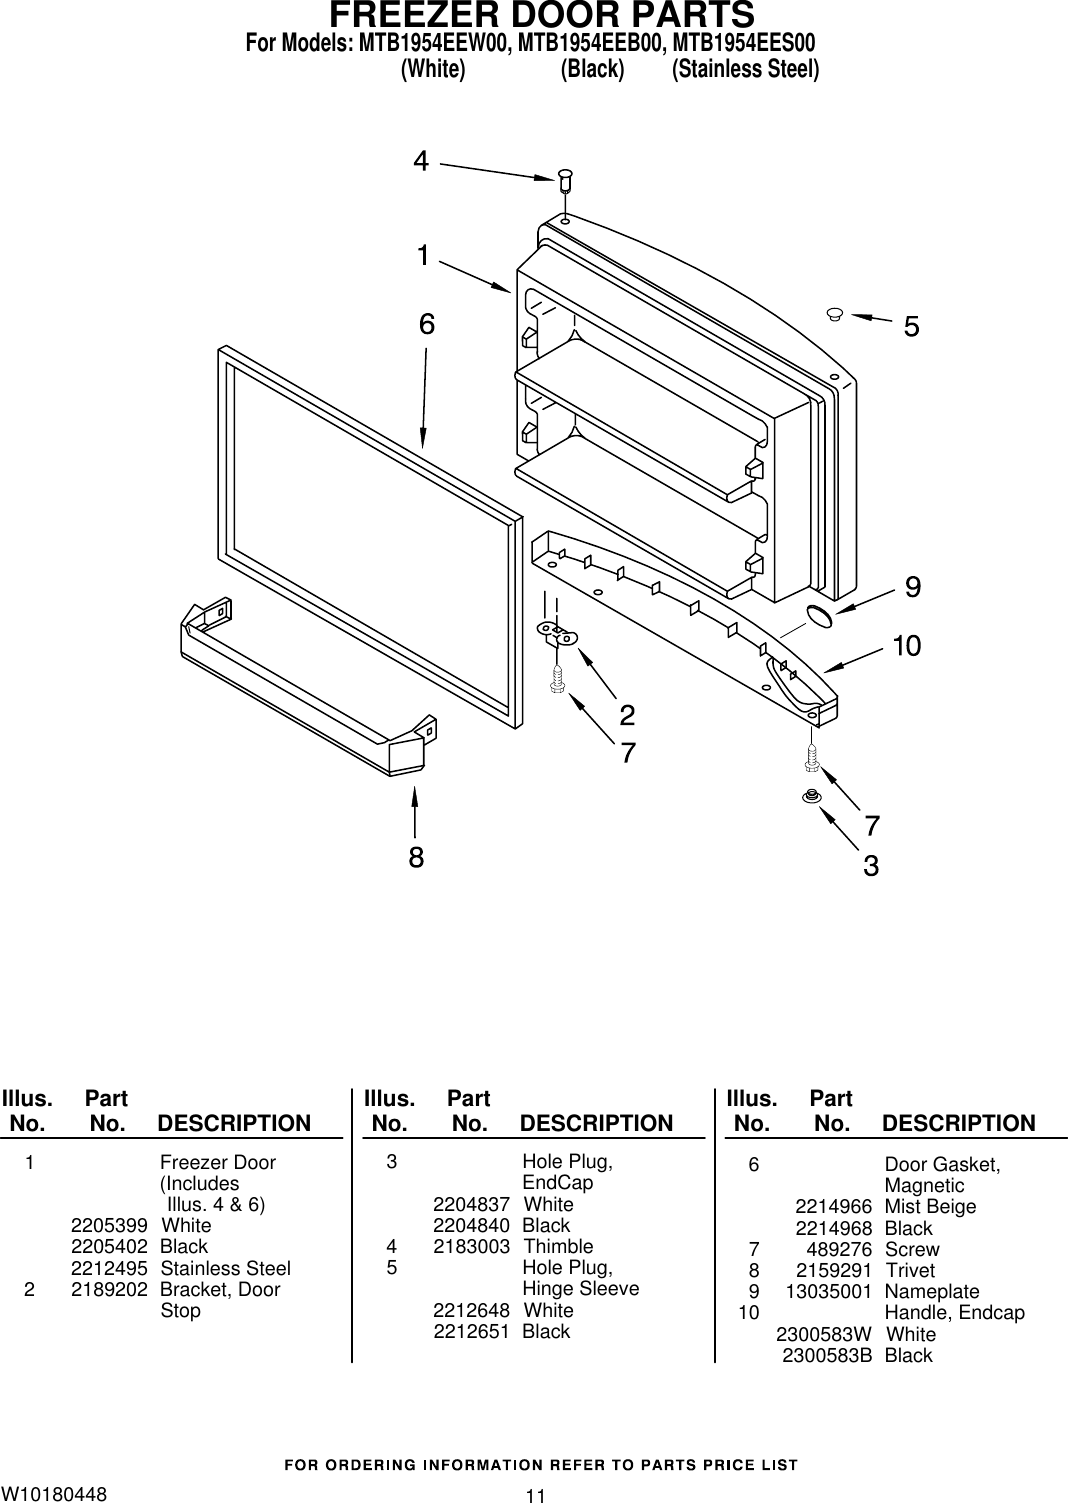 Maytag Mtb1954Eeb00 Users Manual